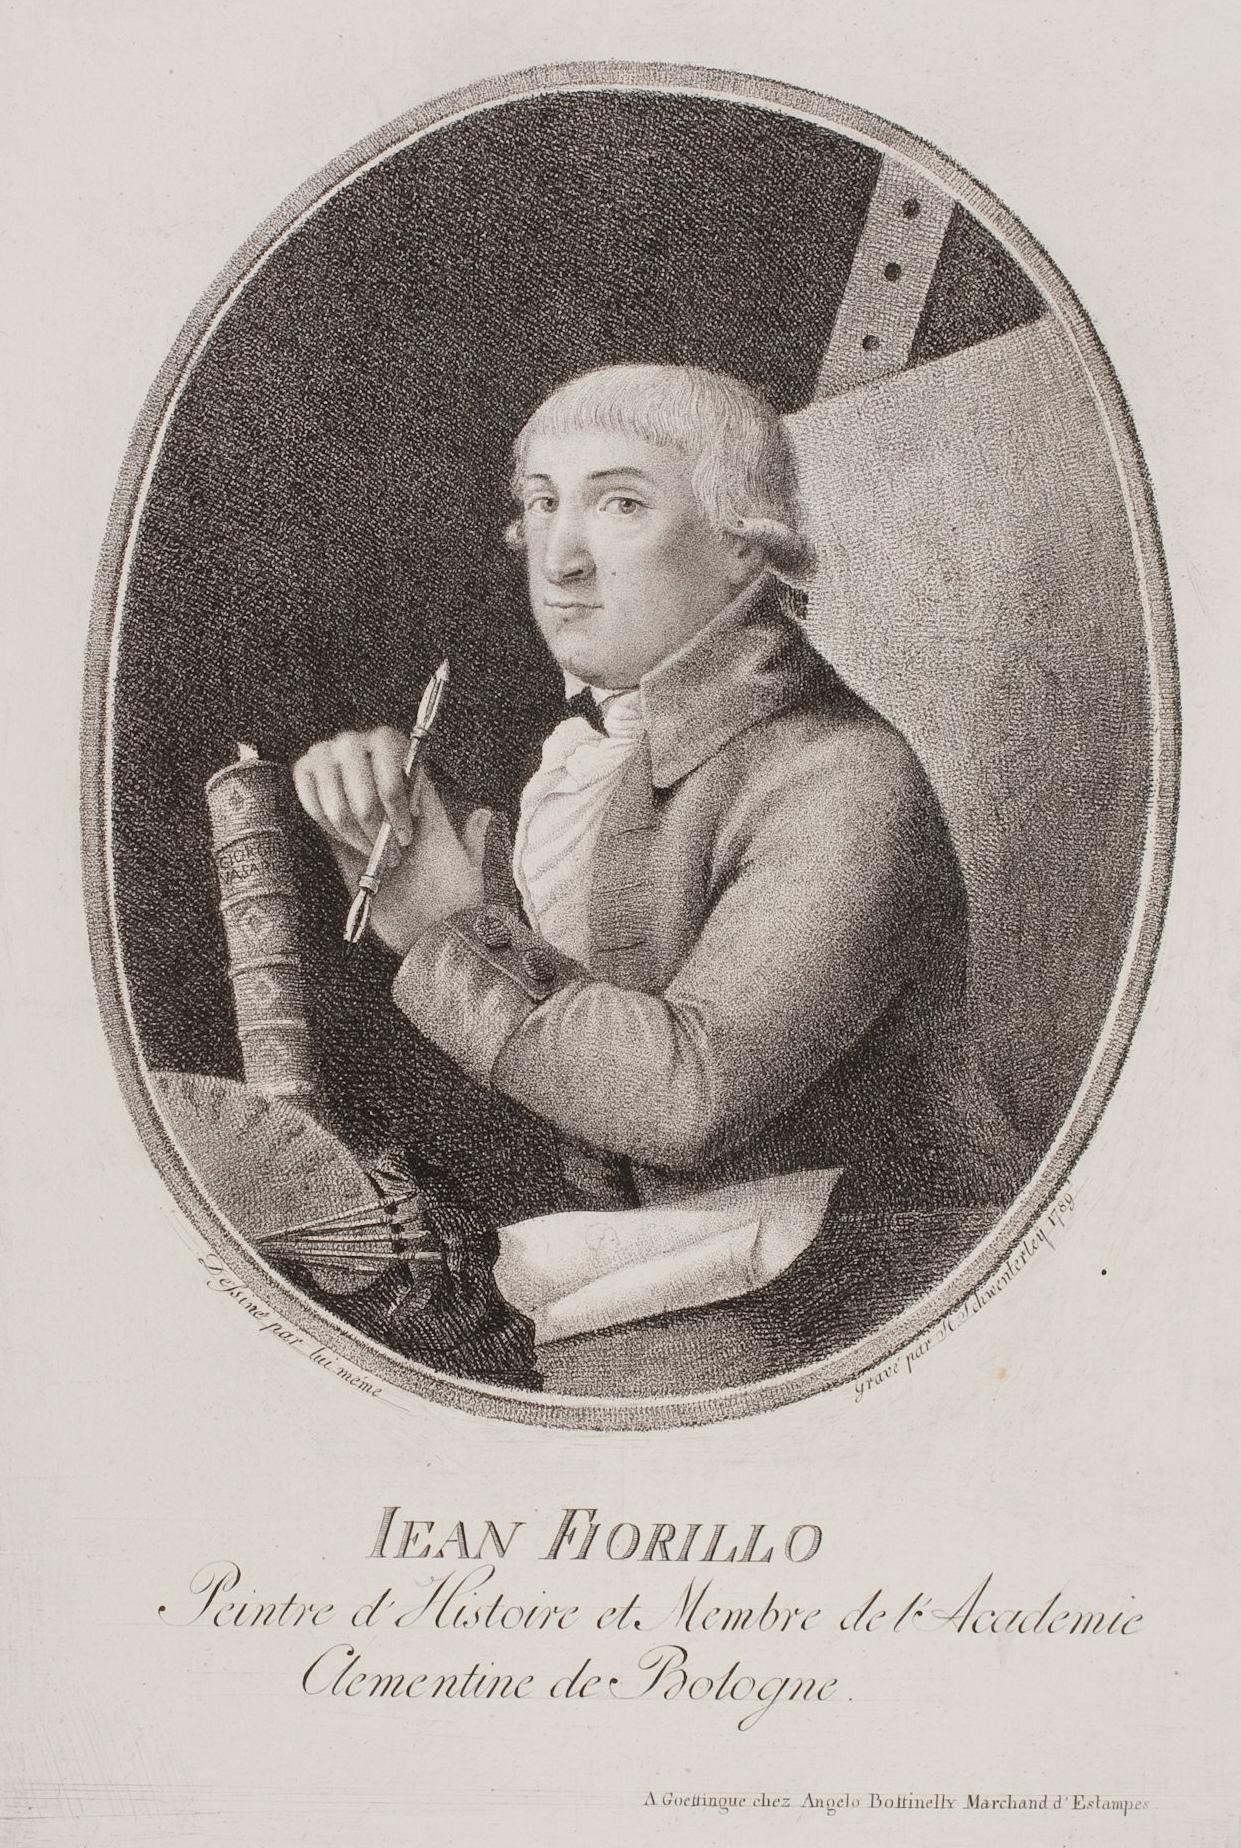 Johann Dominicus Fiorillo